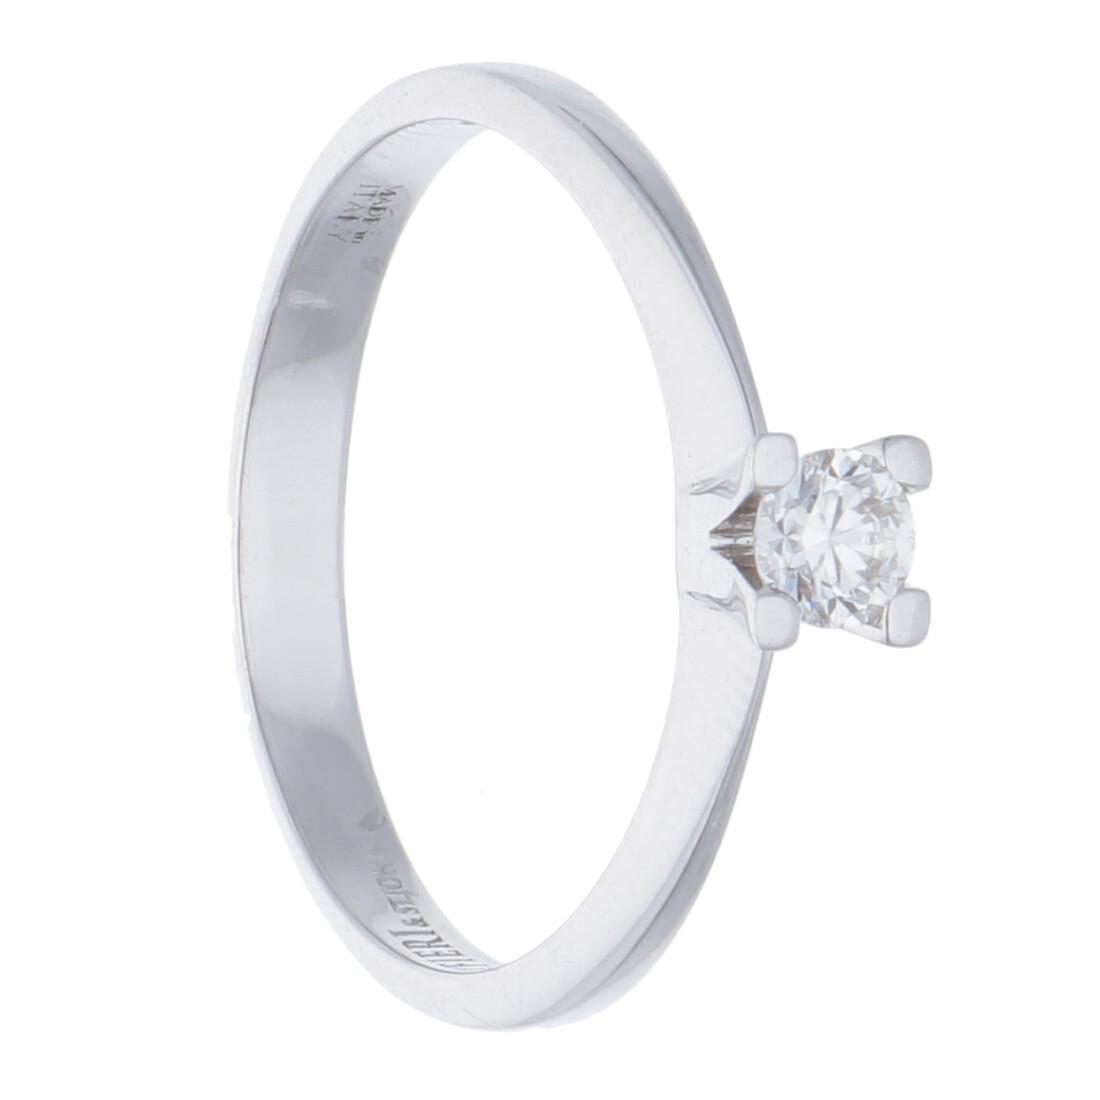 Anello solitario con diamanti ct 0,19 - ALFIERI & ST. JOHN